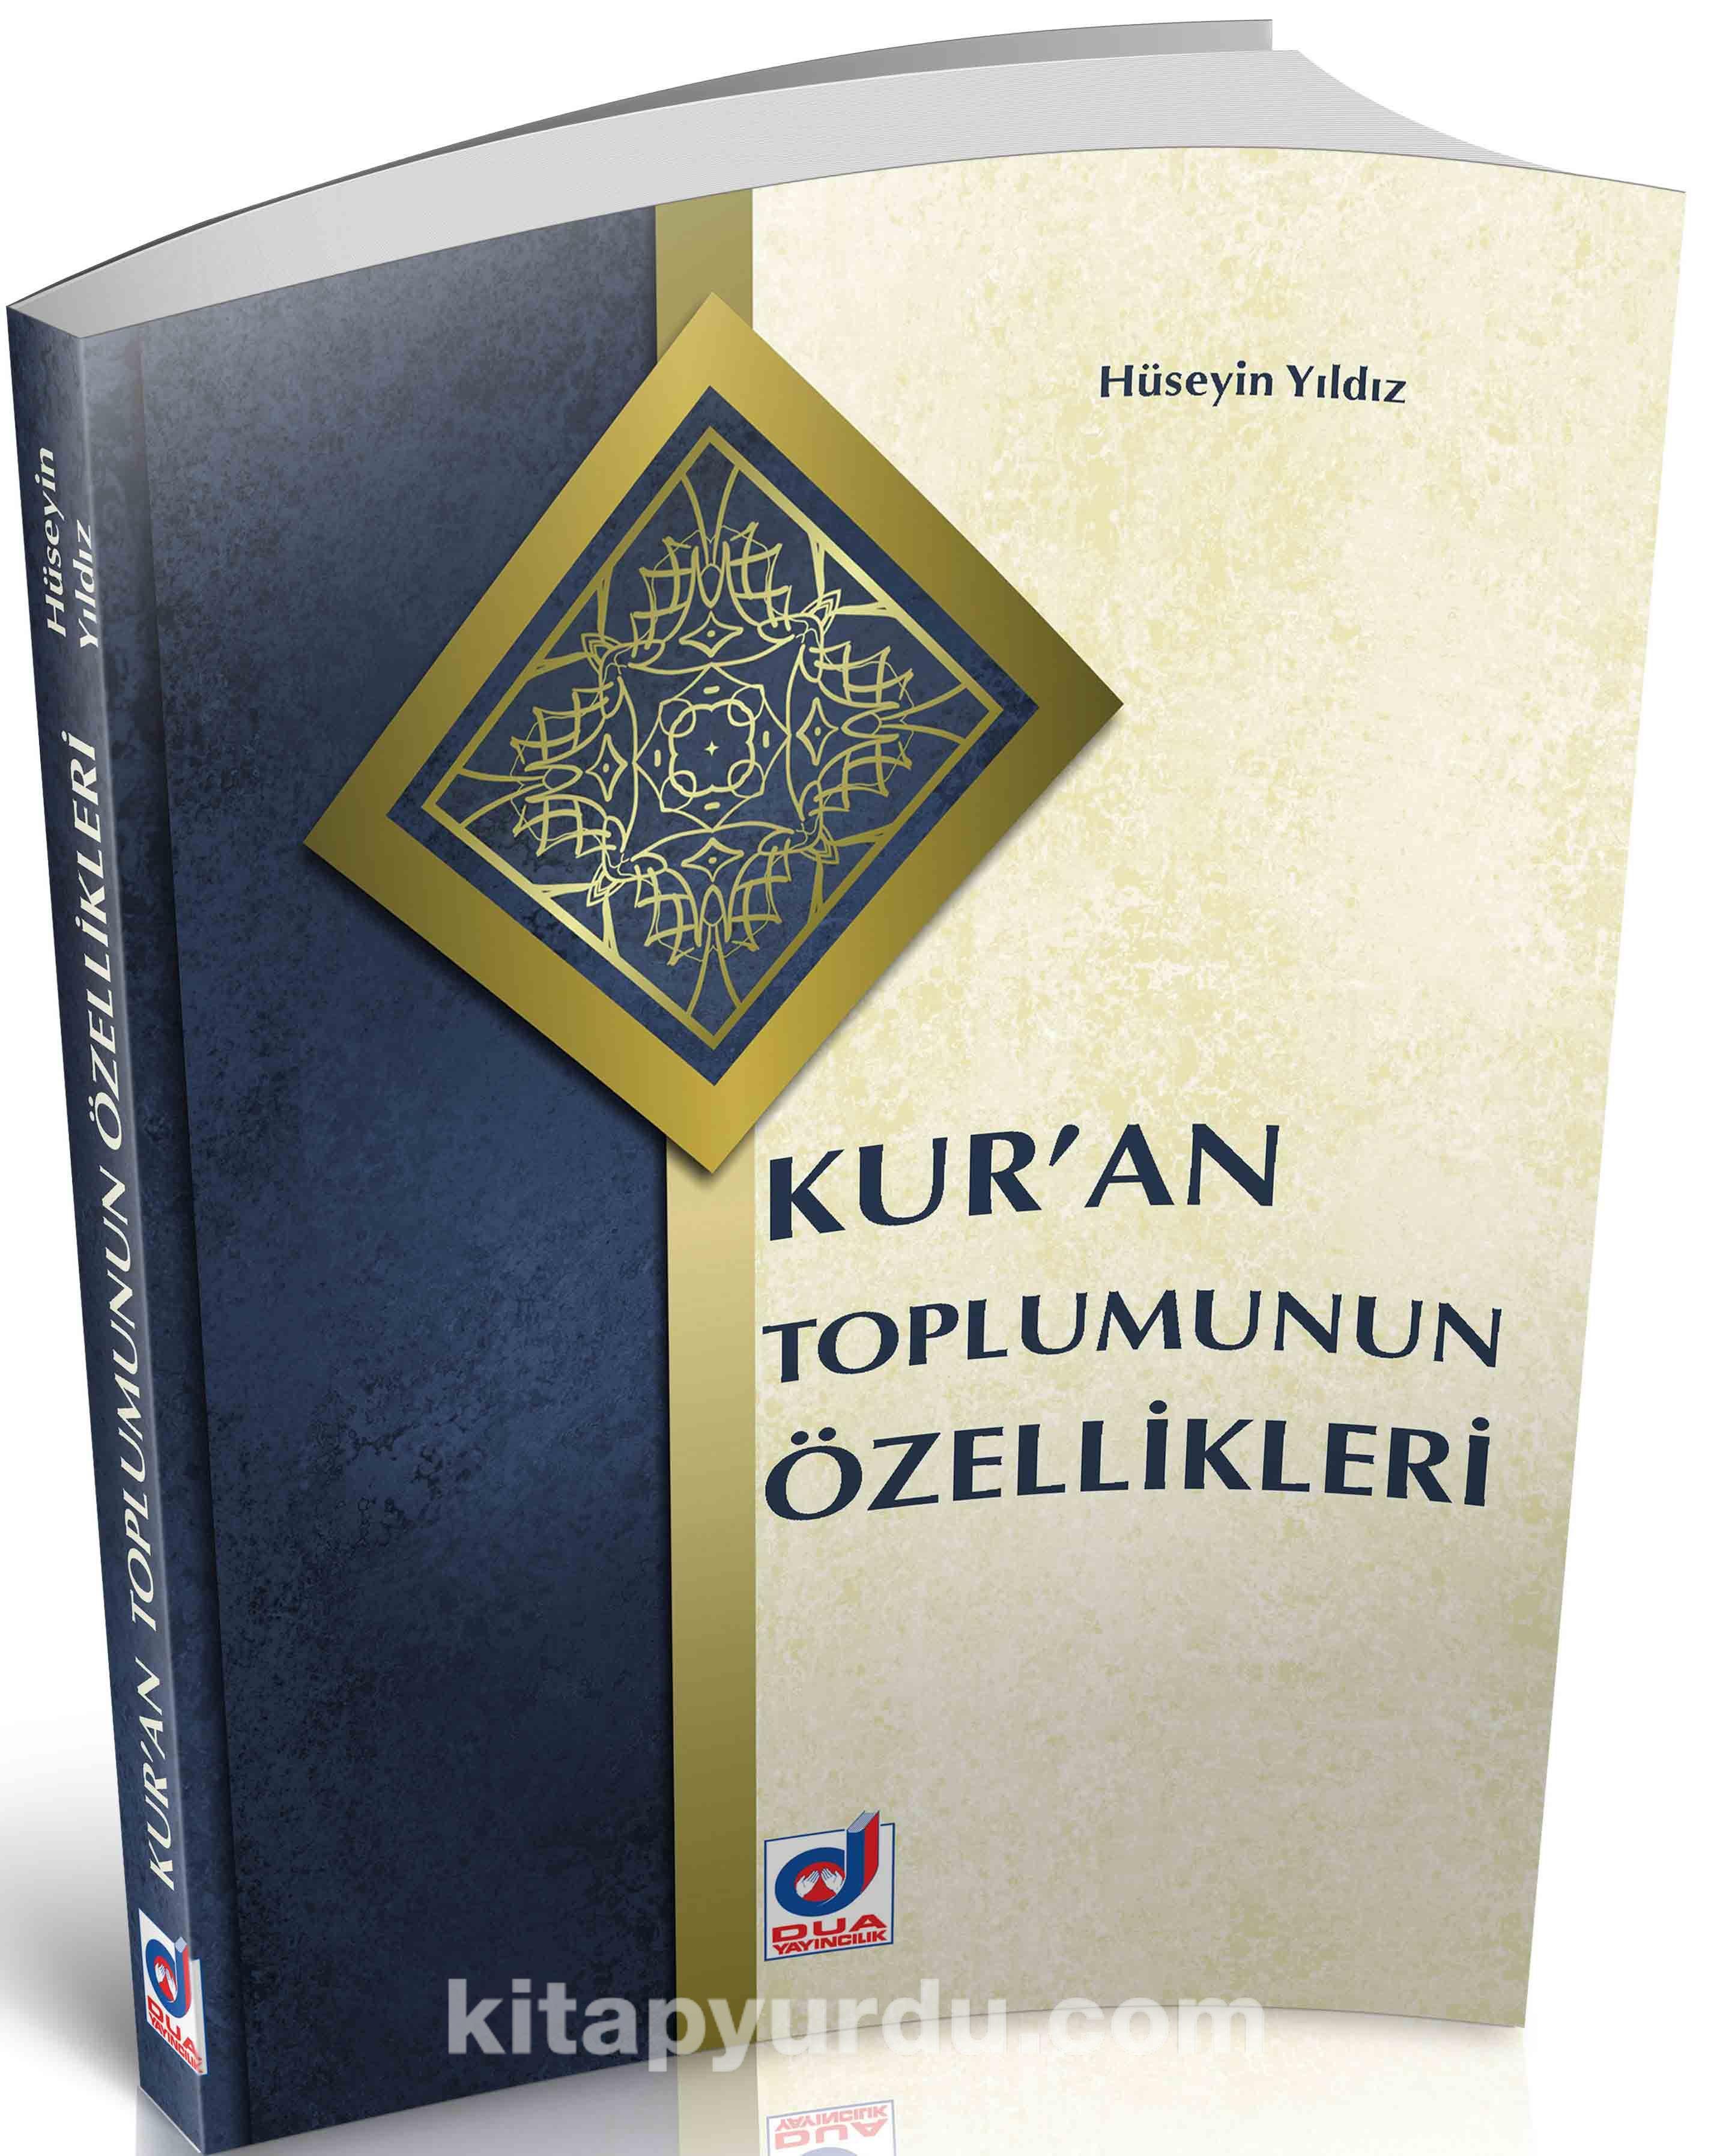 Kur'an Toplumunun Özellikleri